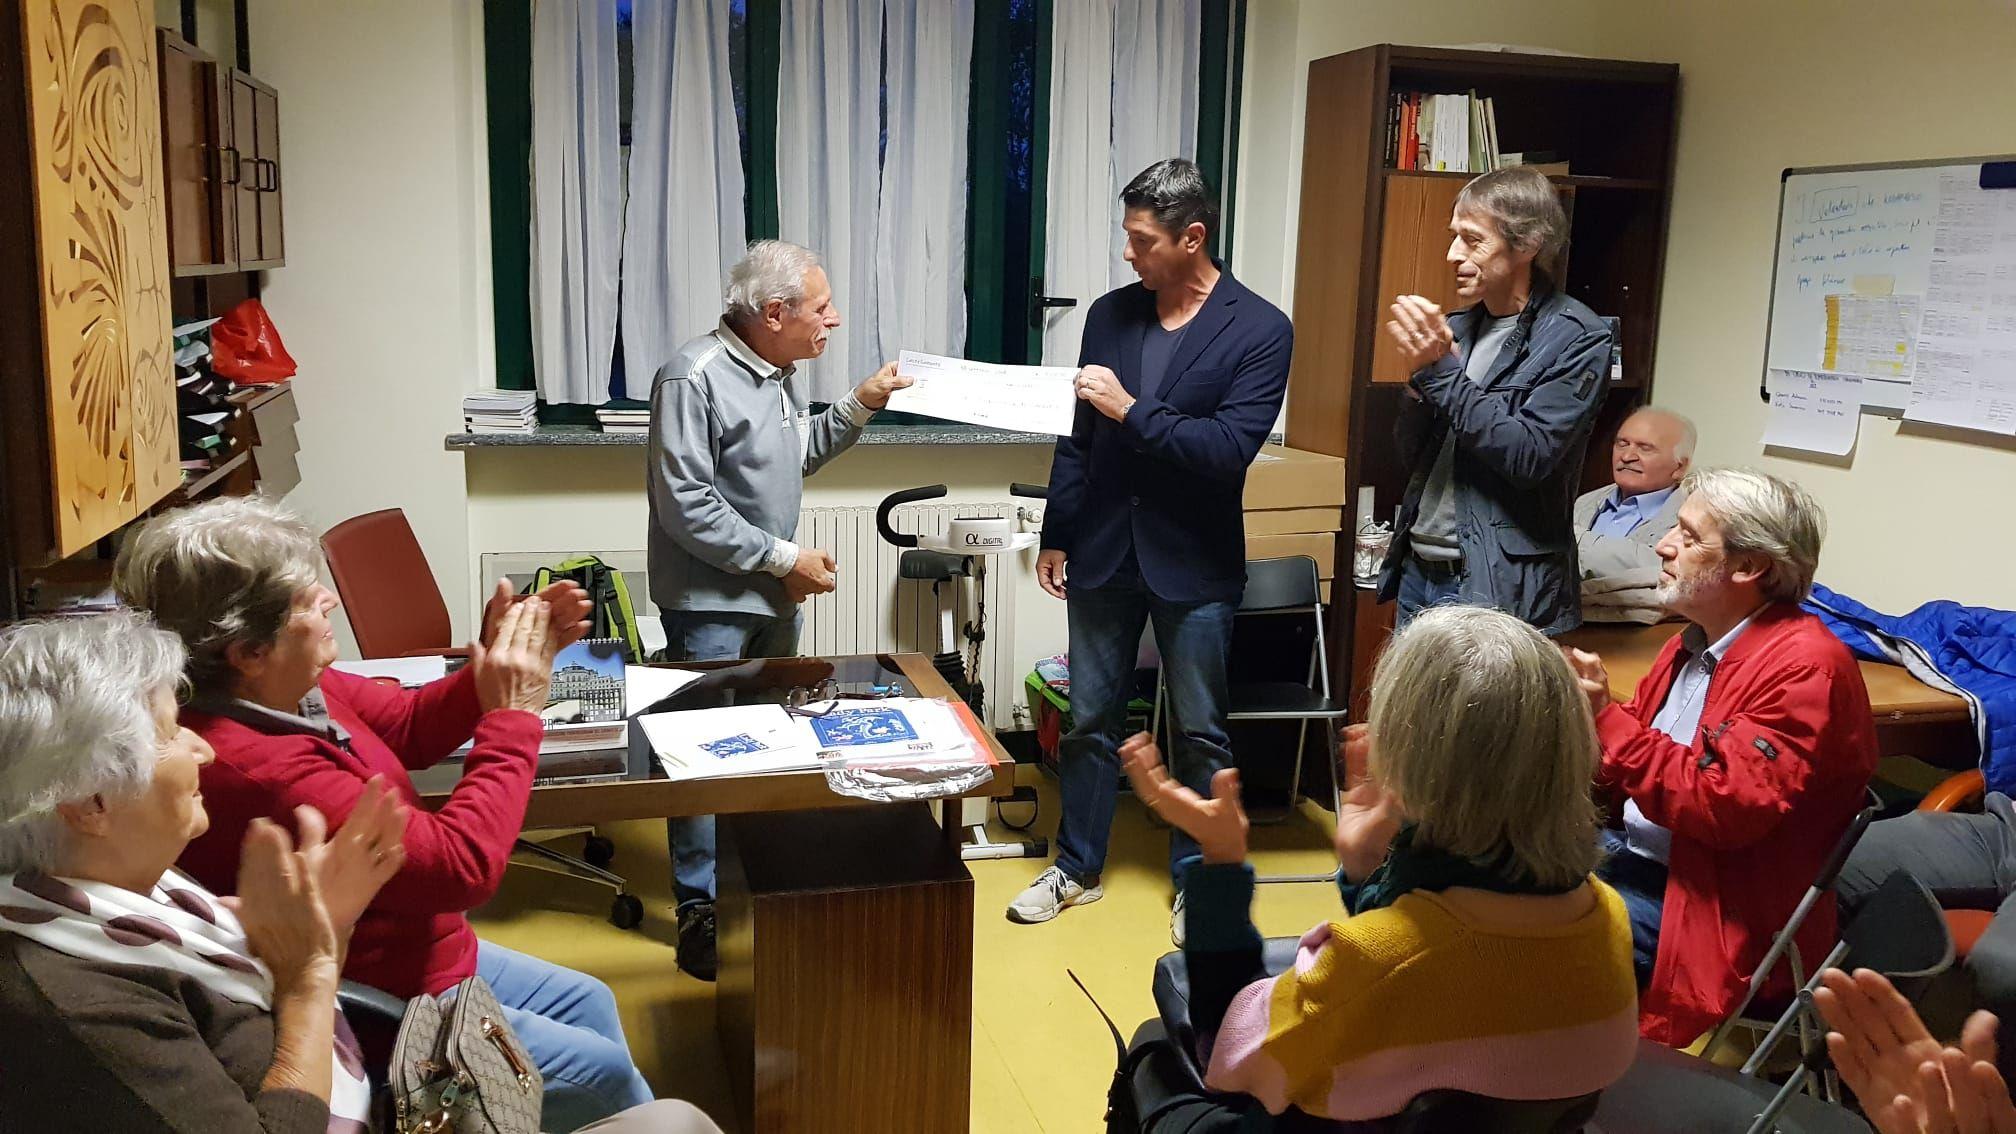 CASTELLAMONTE - Più di 3000 euro donati ai Parkinsoniani - FOTO